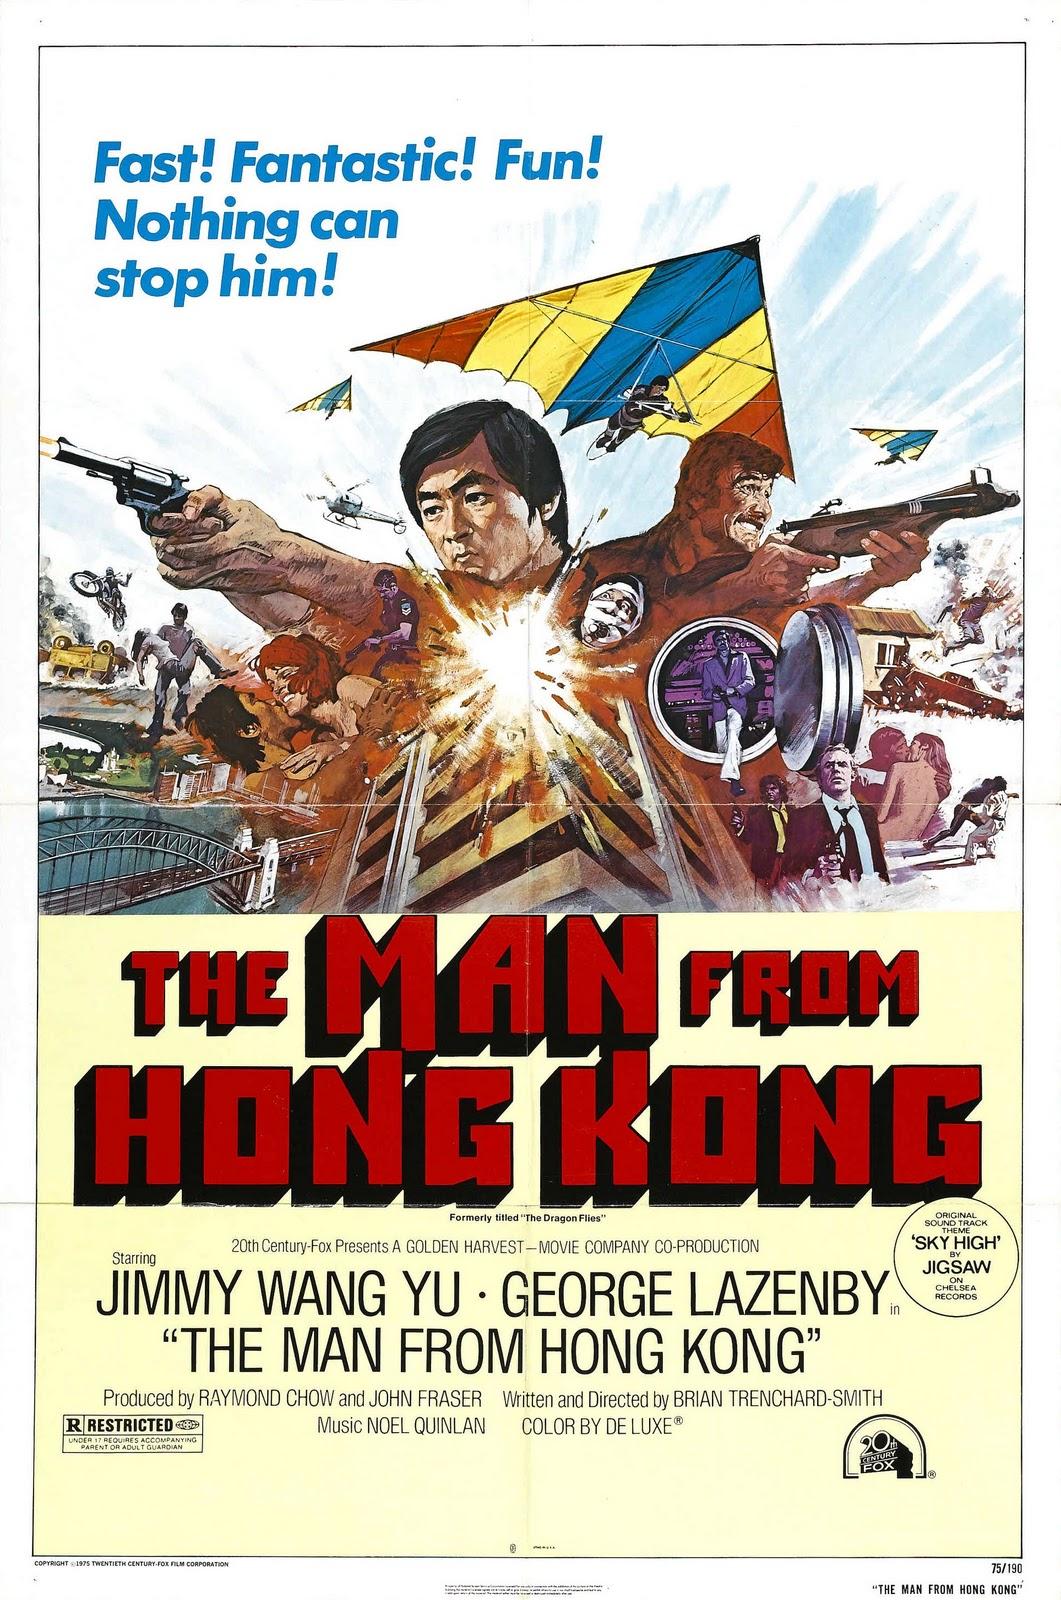 The Man from Hong Kong (1975) poster